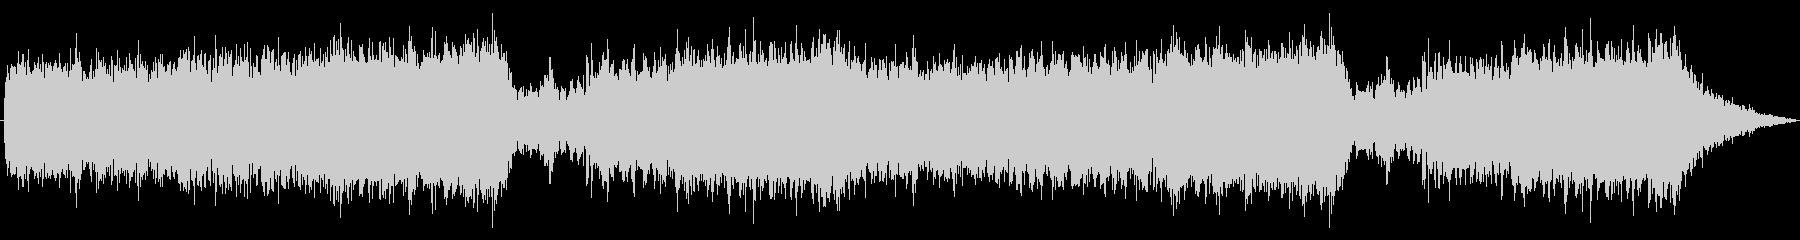 ケルト風オーケストラ【ループ可】の未再生の波形